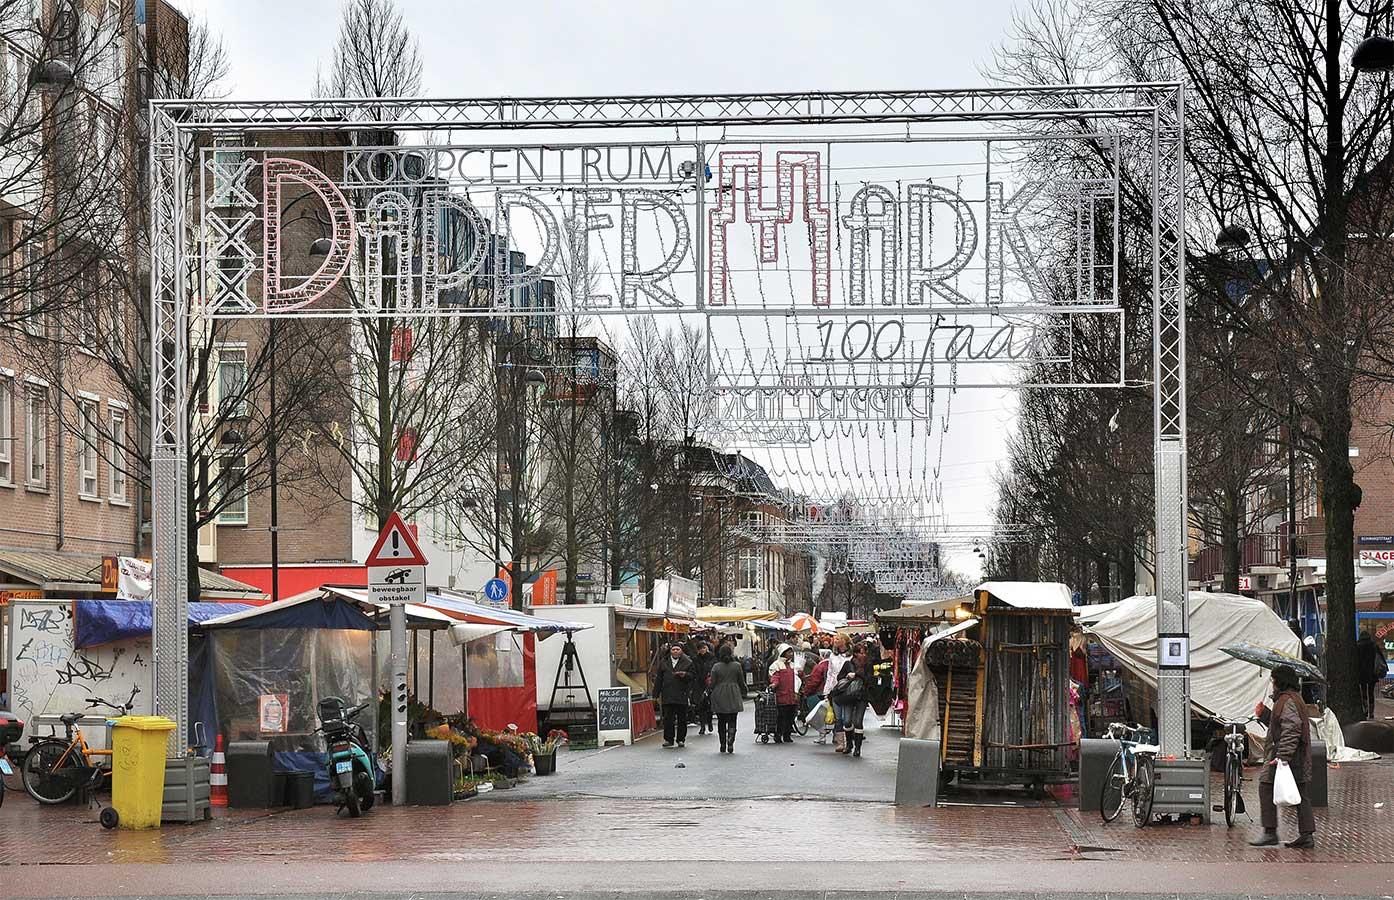 """Dappermarkt op regenachtige dag met tekstverlichting """"Koopcentrum DapperMarkt 100 jaar"""""""